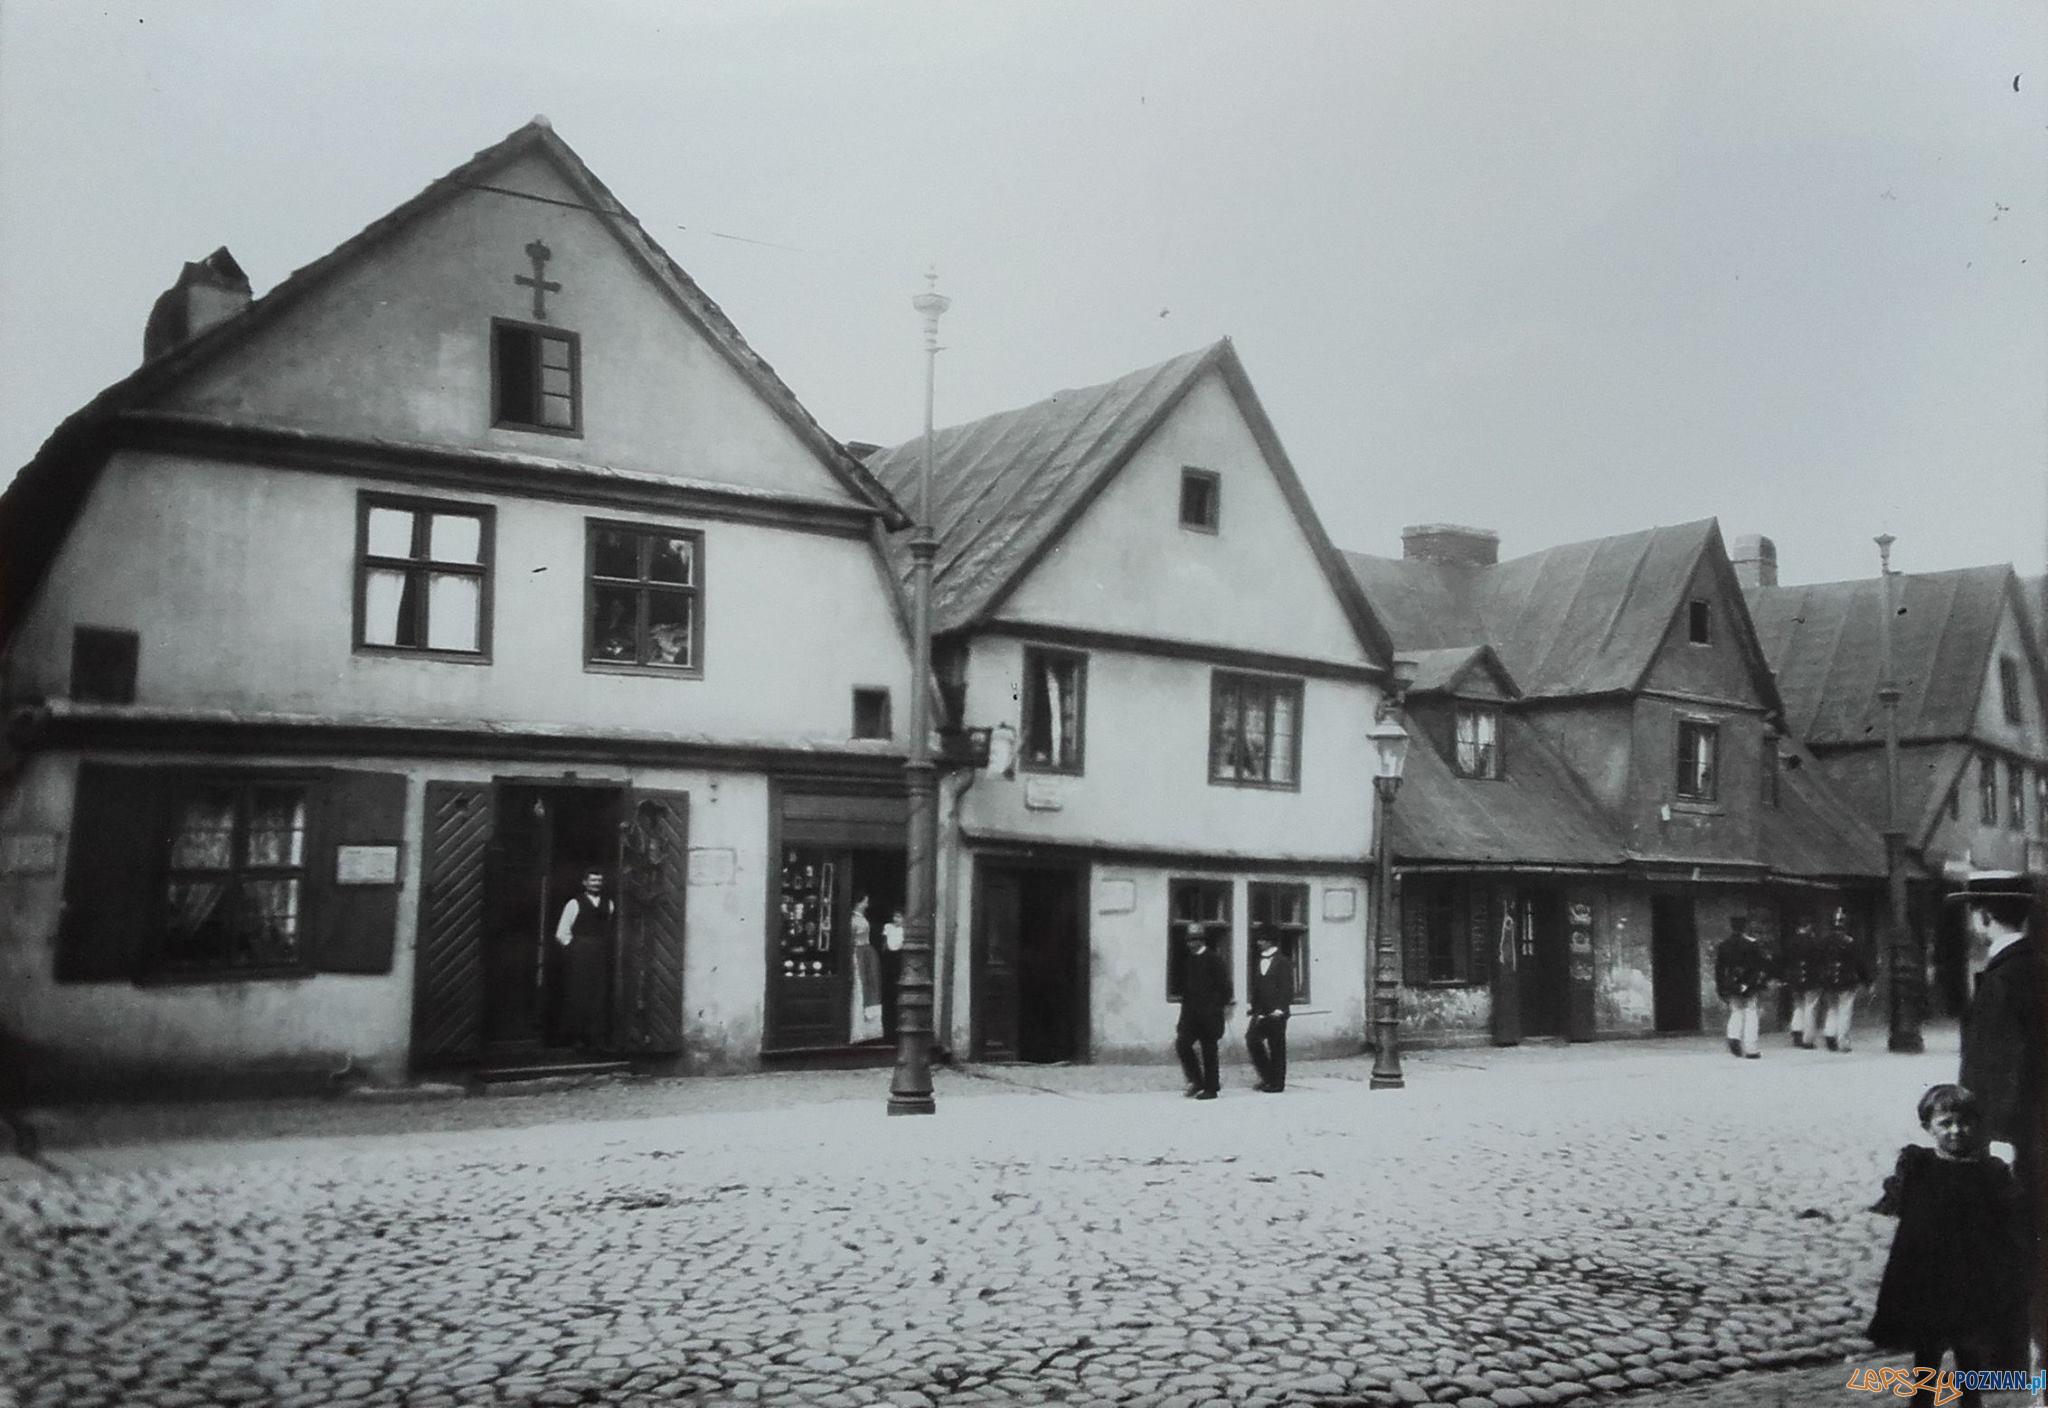 Stare domy przy ul. Chwaliszewo. W drzwiach budynku po lewej nr 7 stoi mistrz siodlarski P. Śliwiński 1899 r fot. ze zb. Archiwum KMP.  Foto: KMP